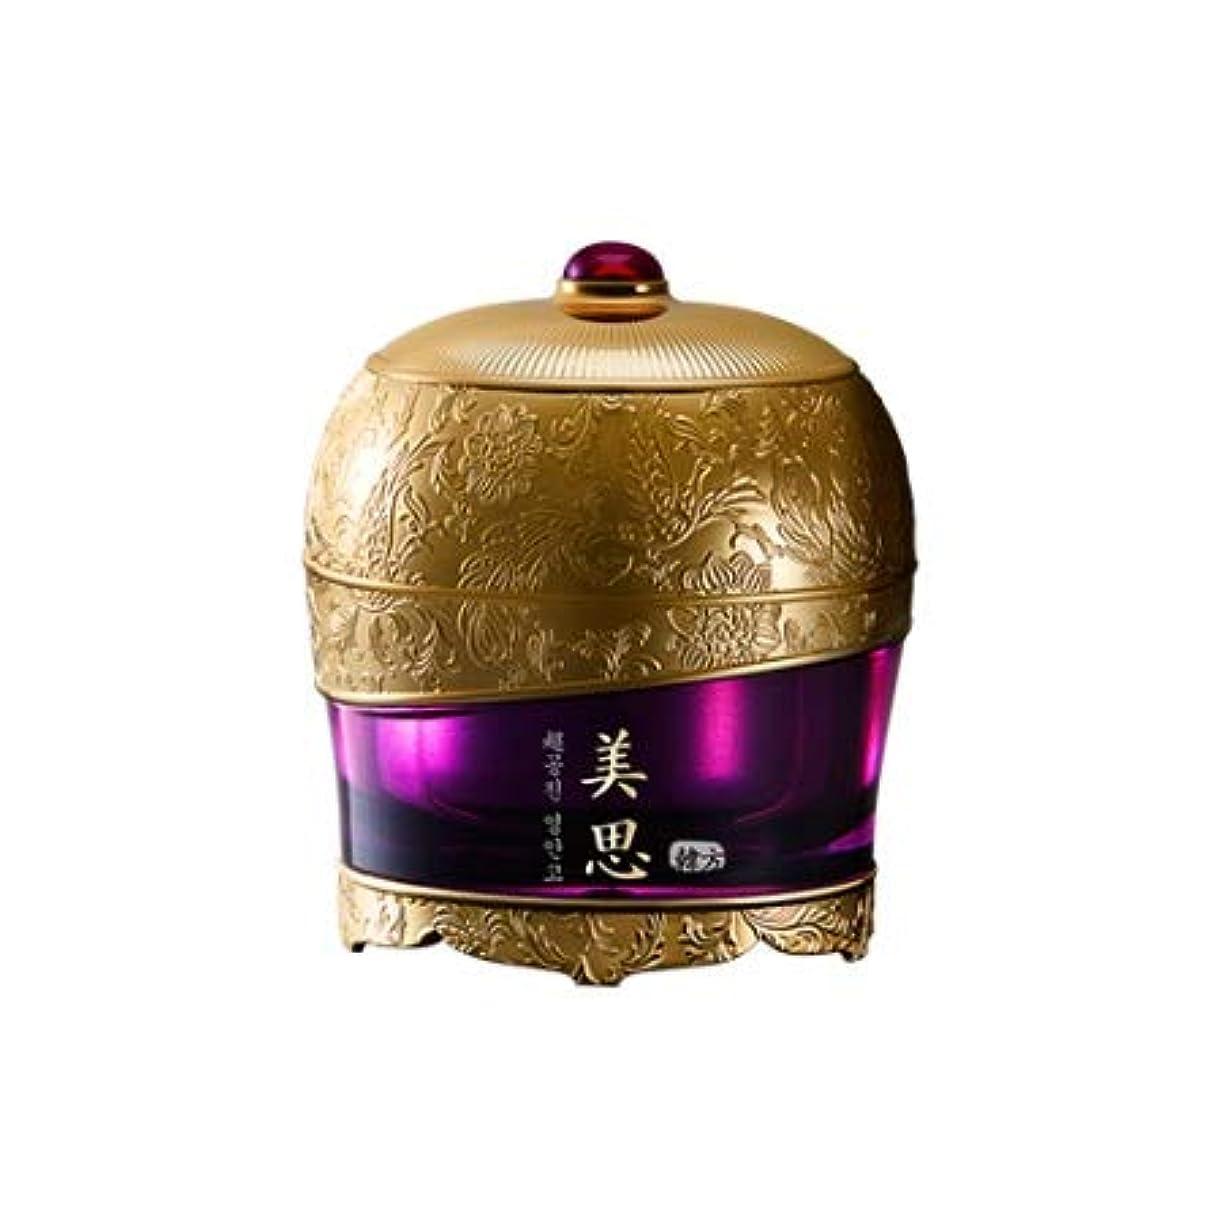 神経障害あなたのもの終点MISSHA Chogongjin Premium cream ミシャ美思超拱辰(チョゴンジン) 永安膏 クリーム クリーム 60ml [並行輸入品]